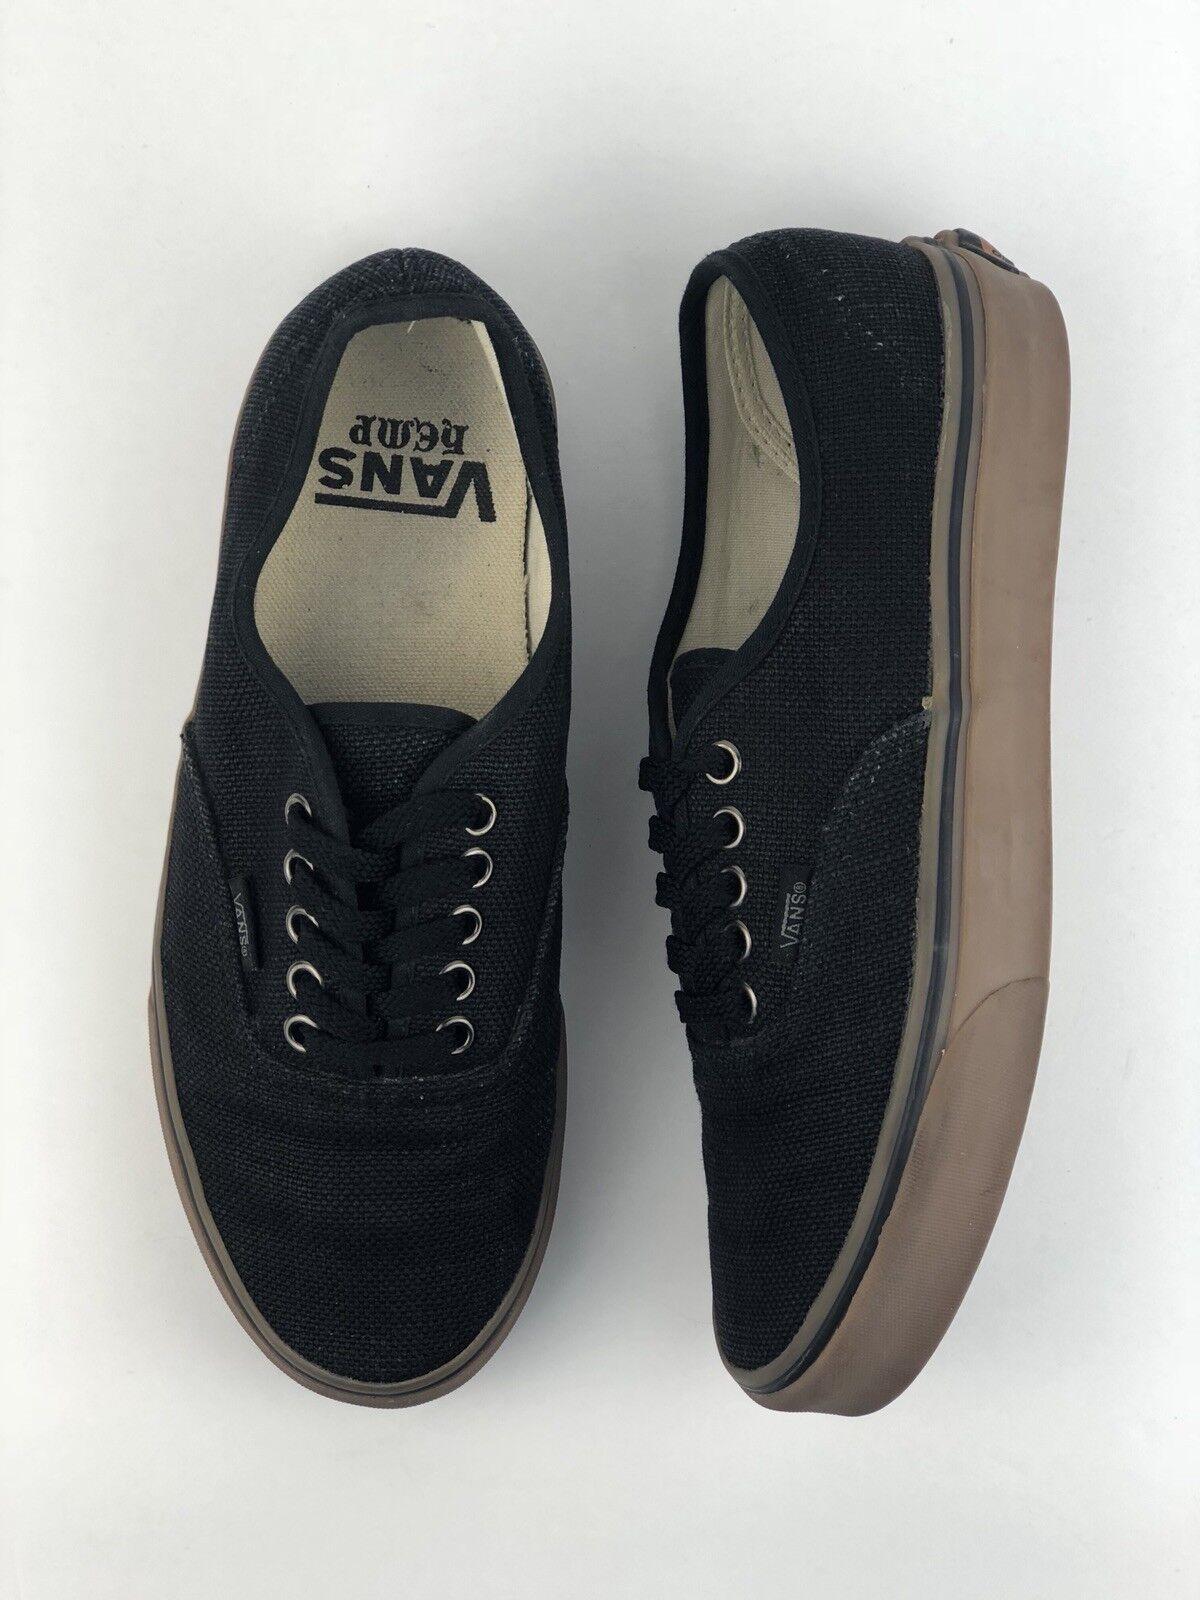 07b3c79a70 RARE Vans Authentic Black Textured Hemp Brown Gum Gum Gum Skate Shoes Men  Sz 7 Women